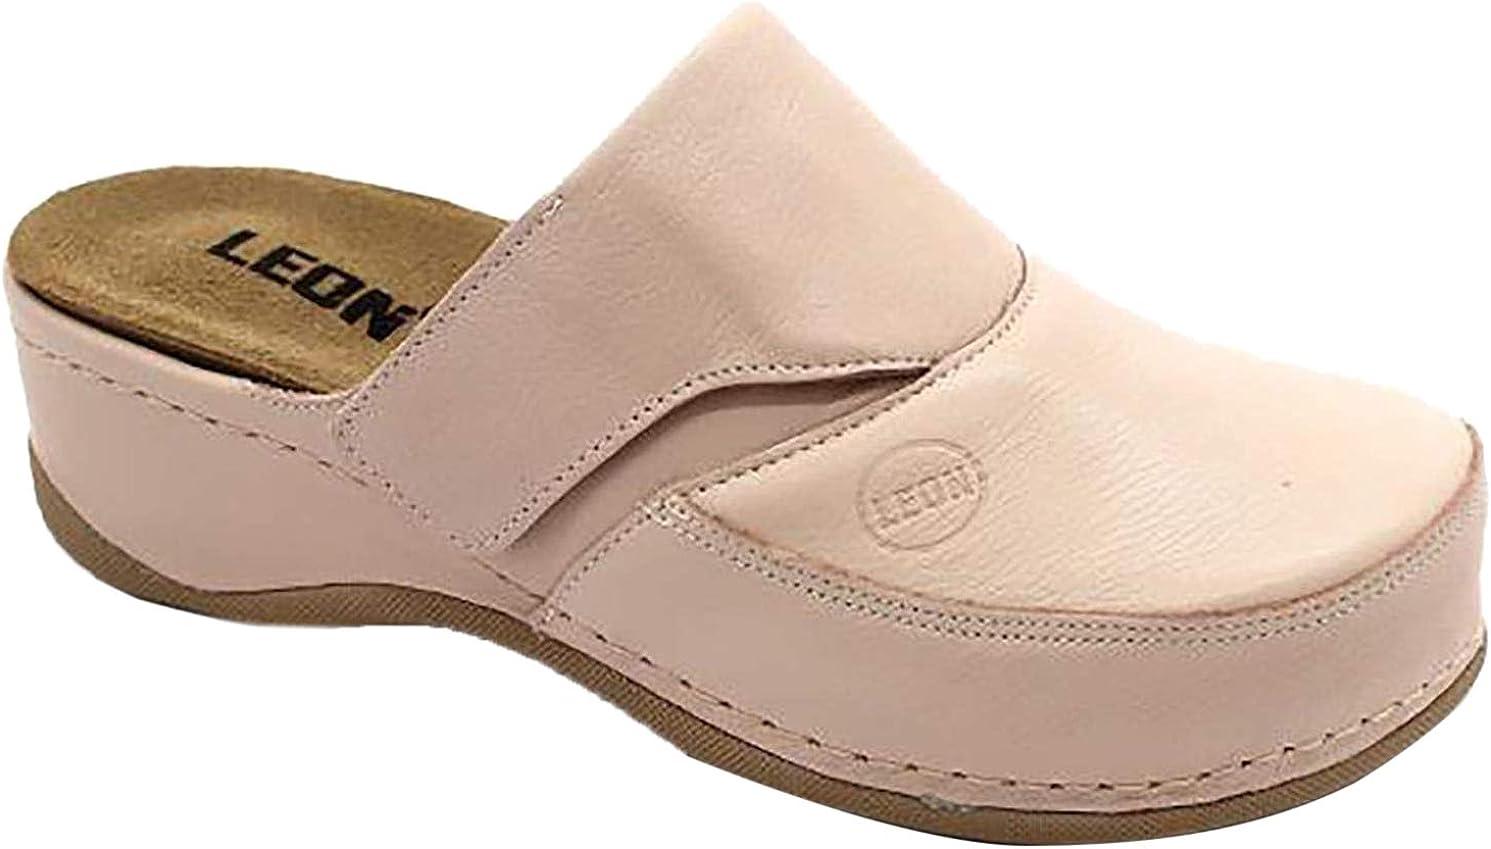 LEON 3300 Sabots Mules Chaussons Chaussures en Cuir Femme